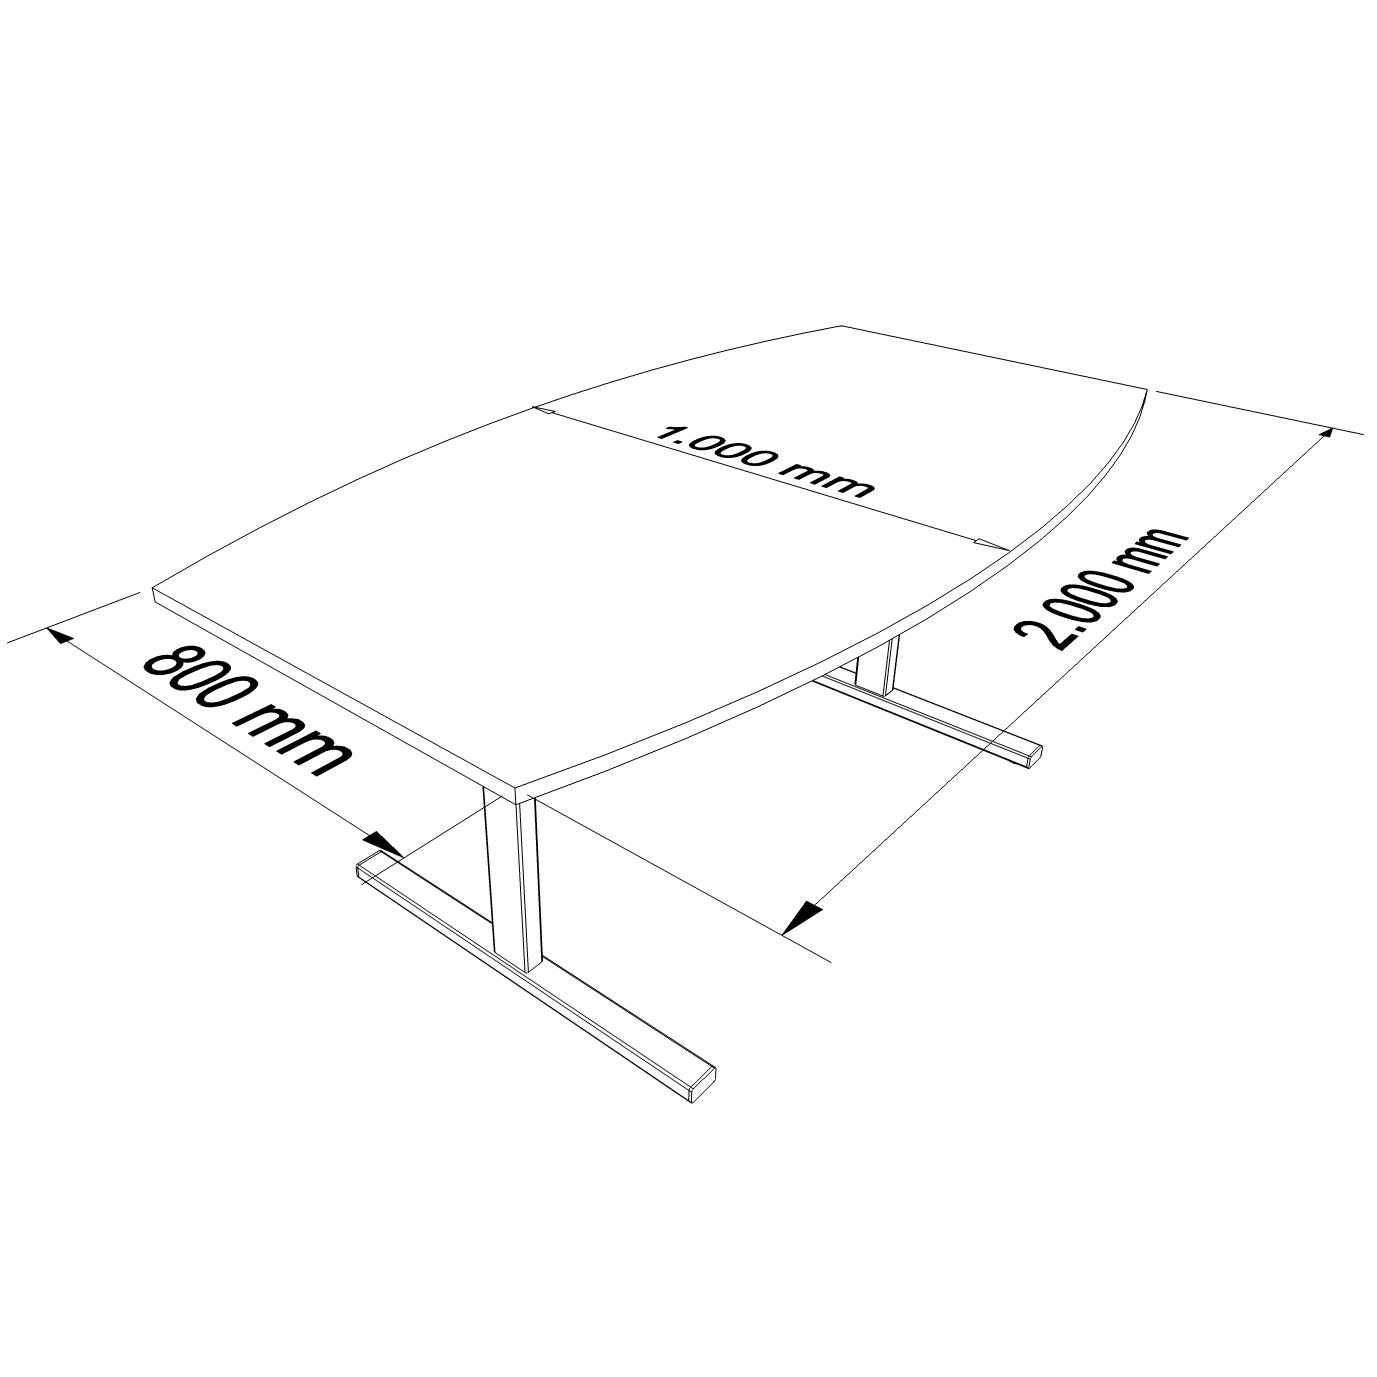 EASY Konferenztisch Bootsform 200x100 cm Wenge Besprechungstisch Tisch